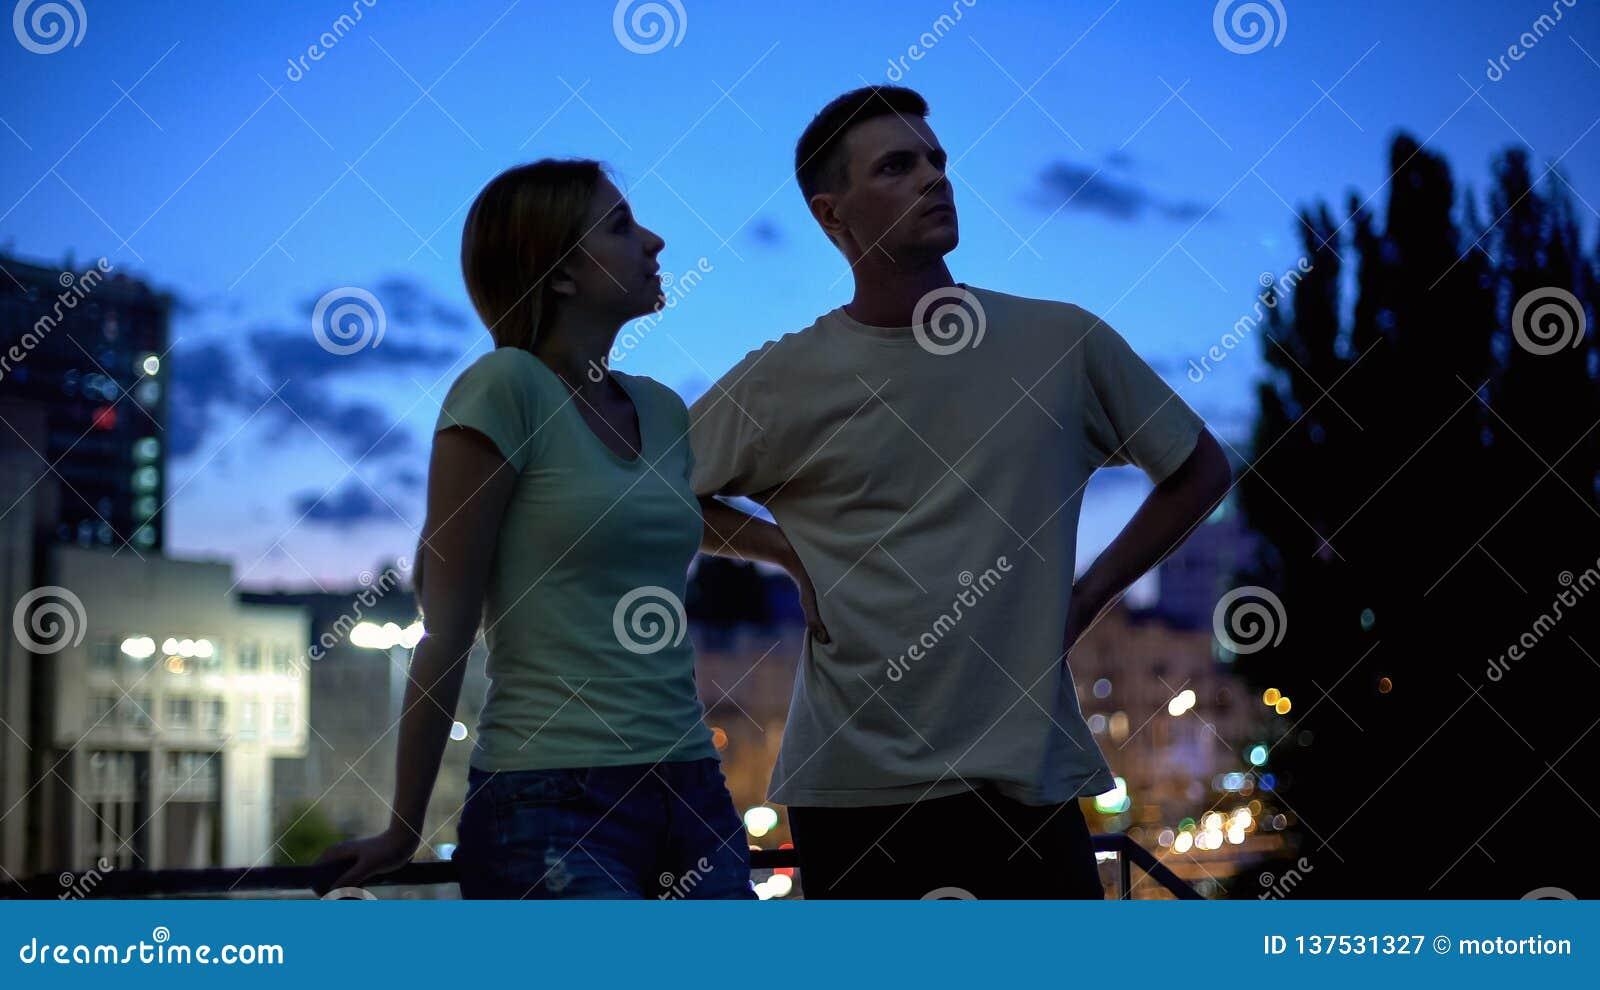 Fala do homem novo e da mulher seriamente, nivelando o tempo de lazer na cidade, amigos